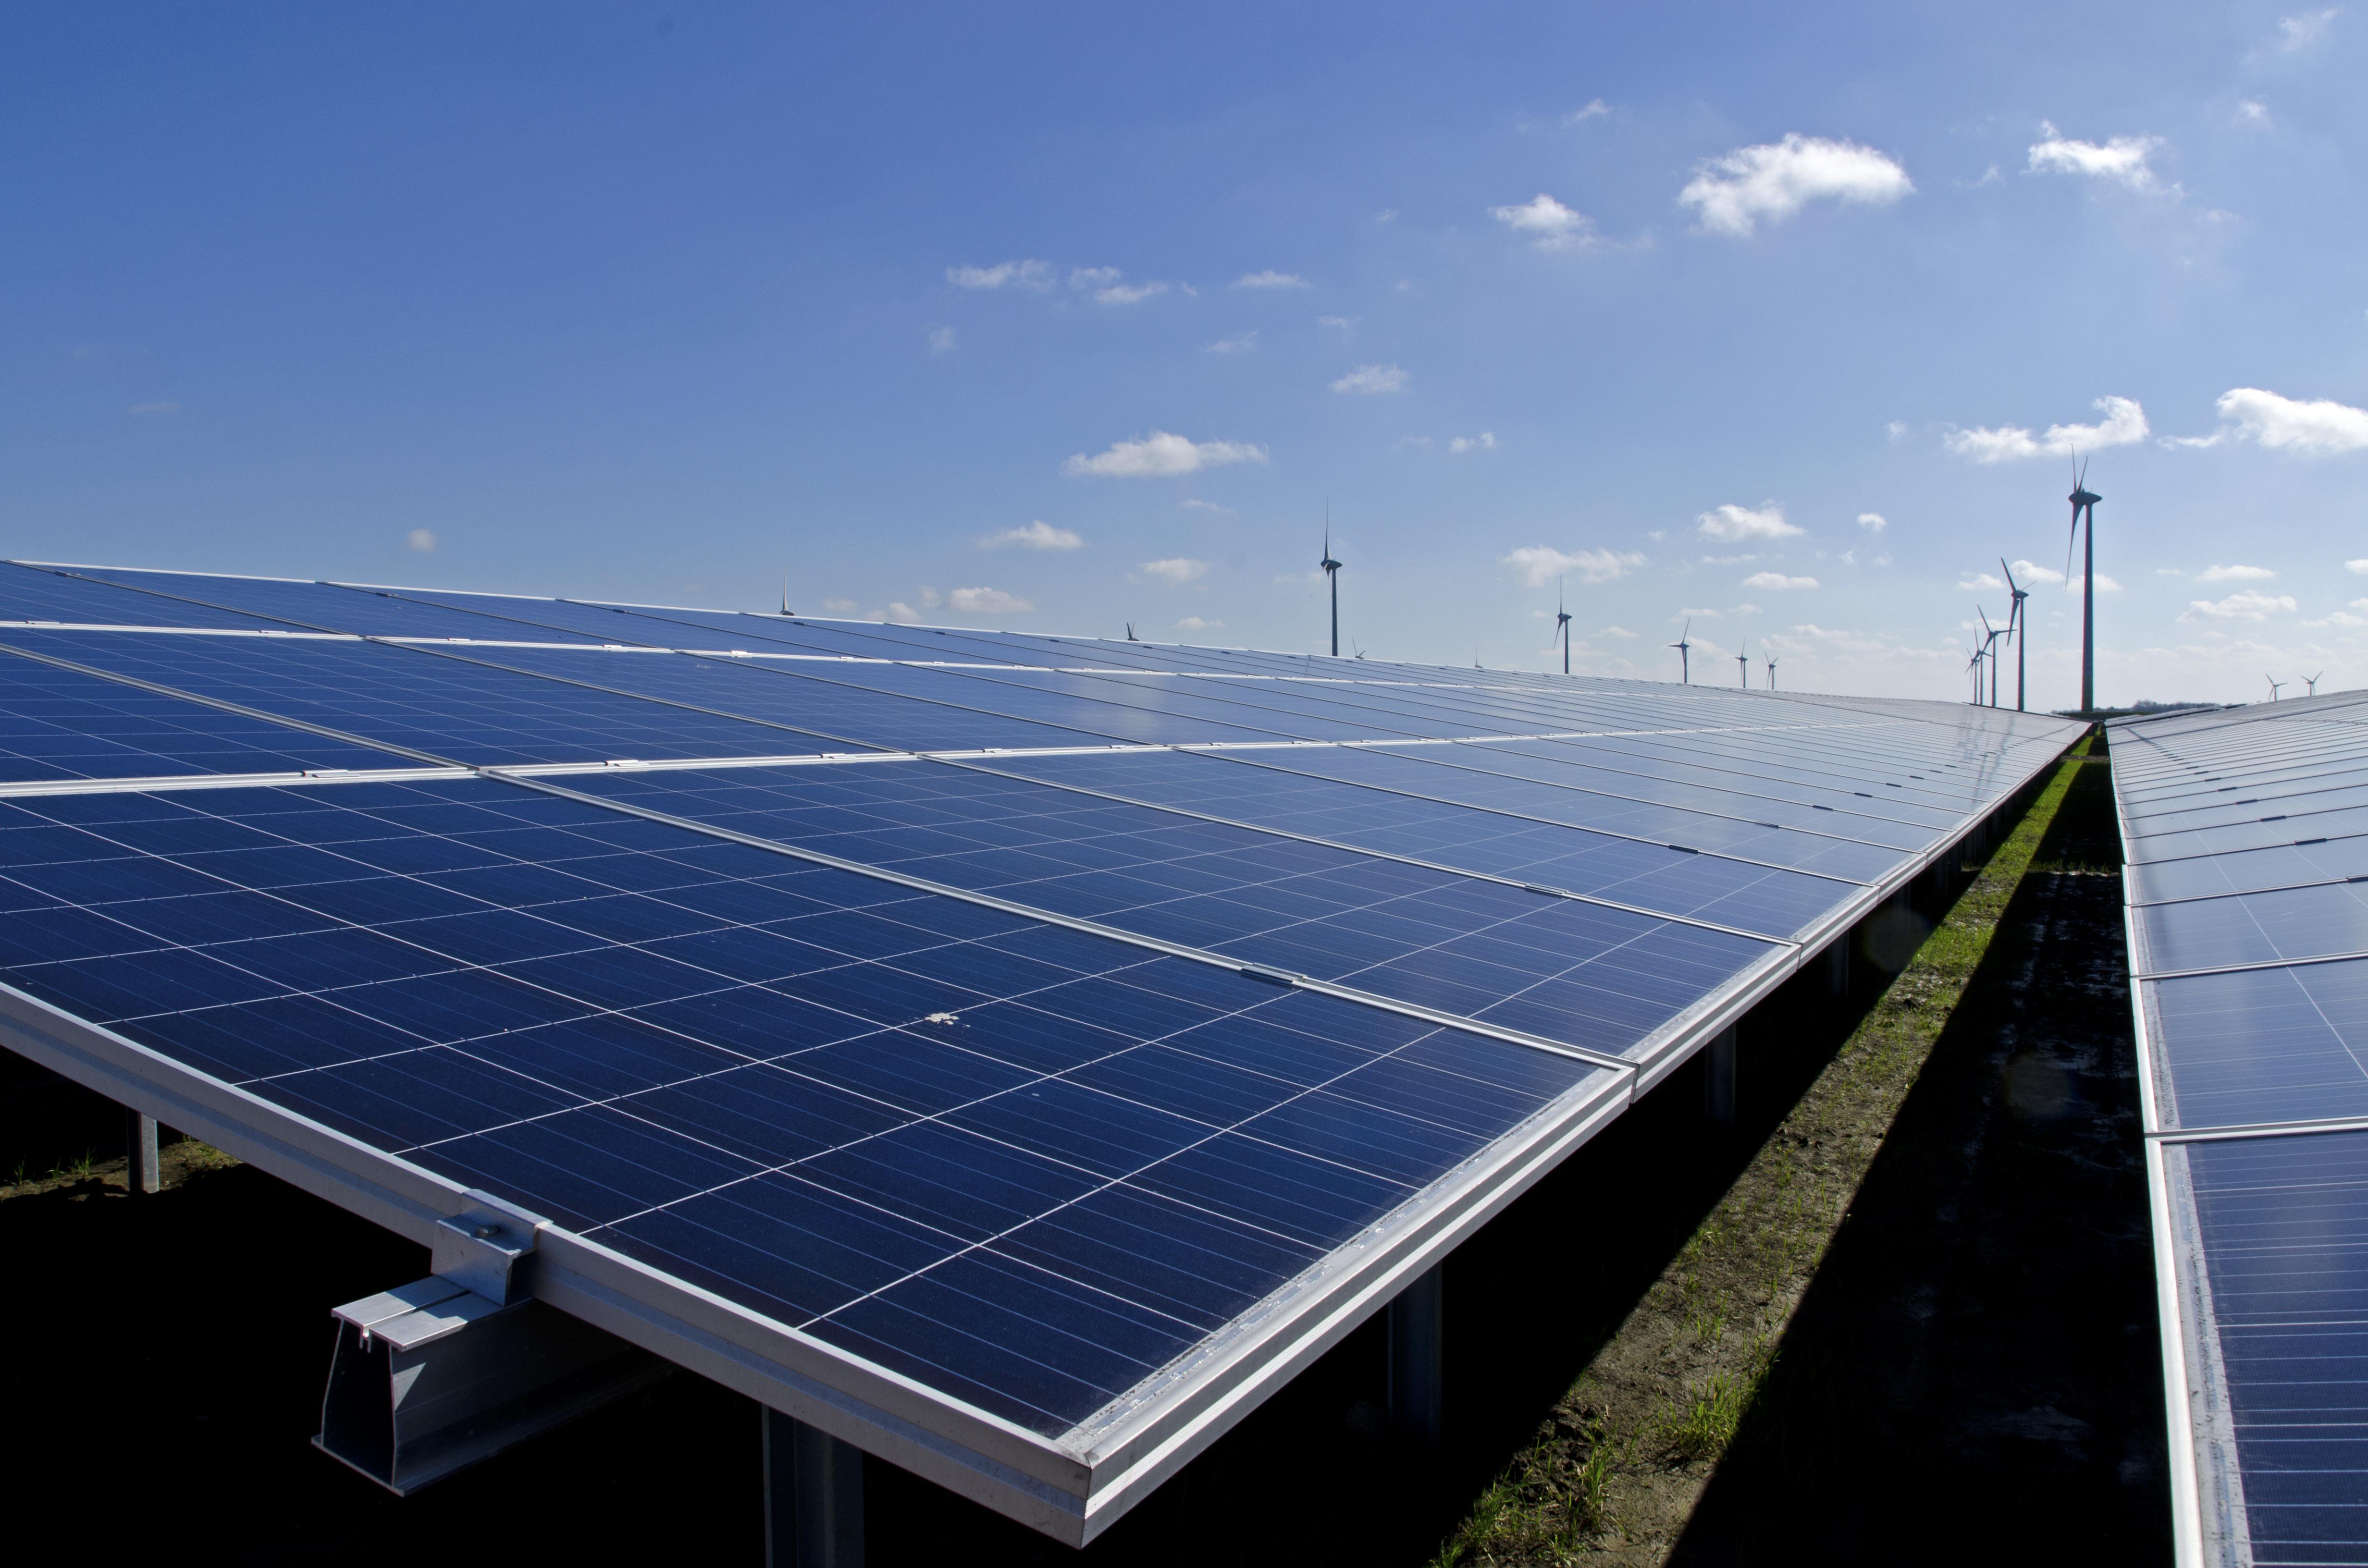 Vacature: Elektrotechnisch ontwerper zonneparken